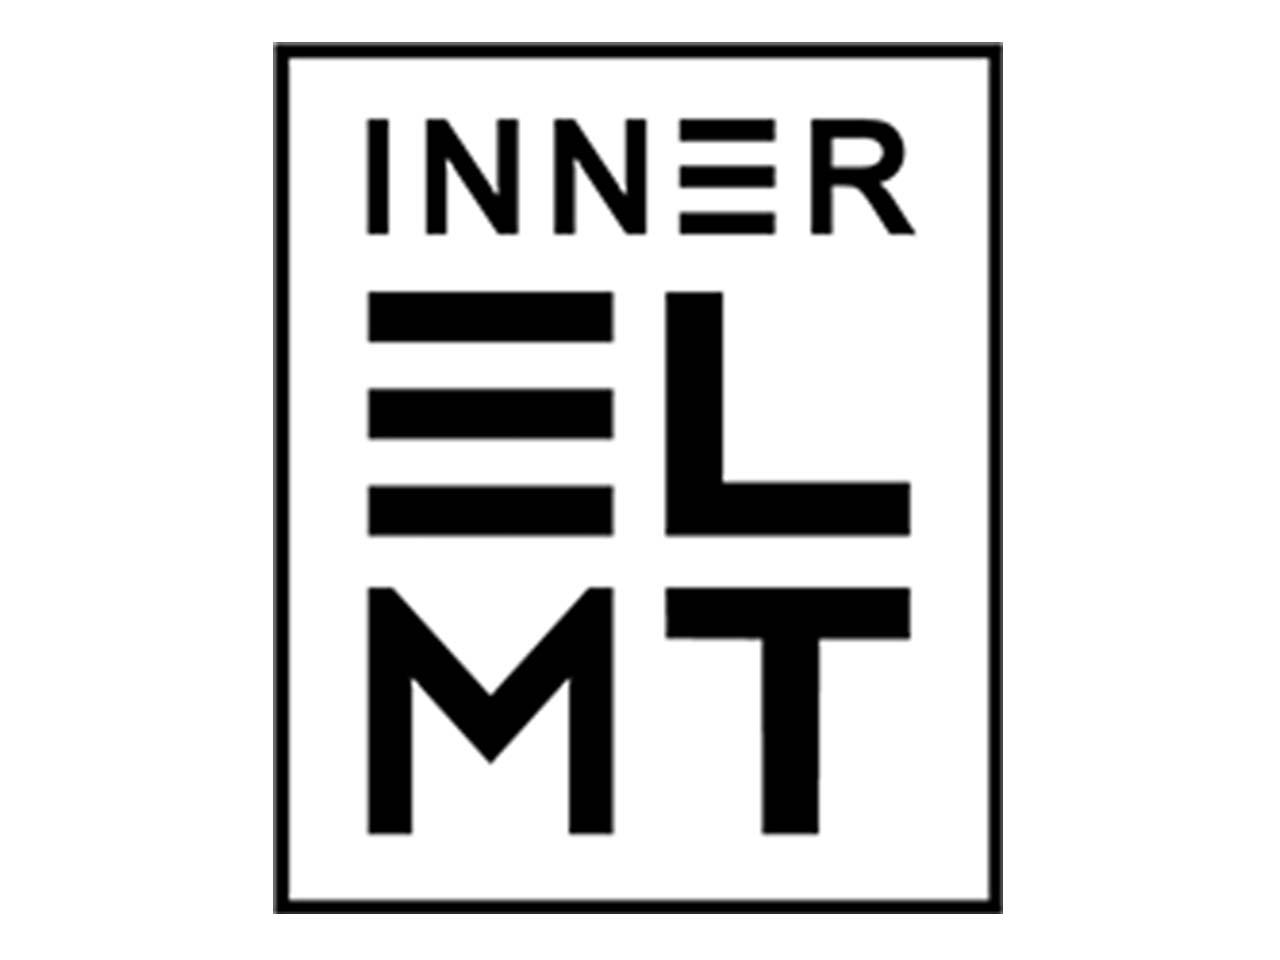 INNER ELMT